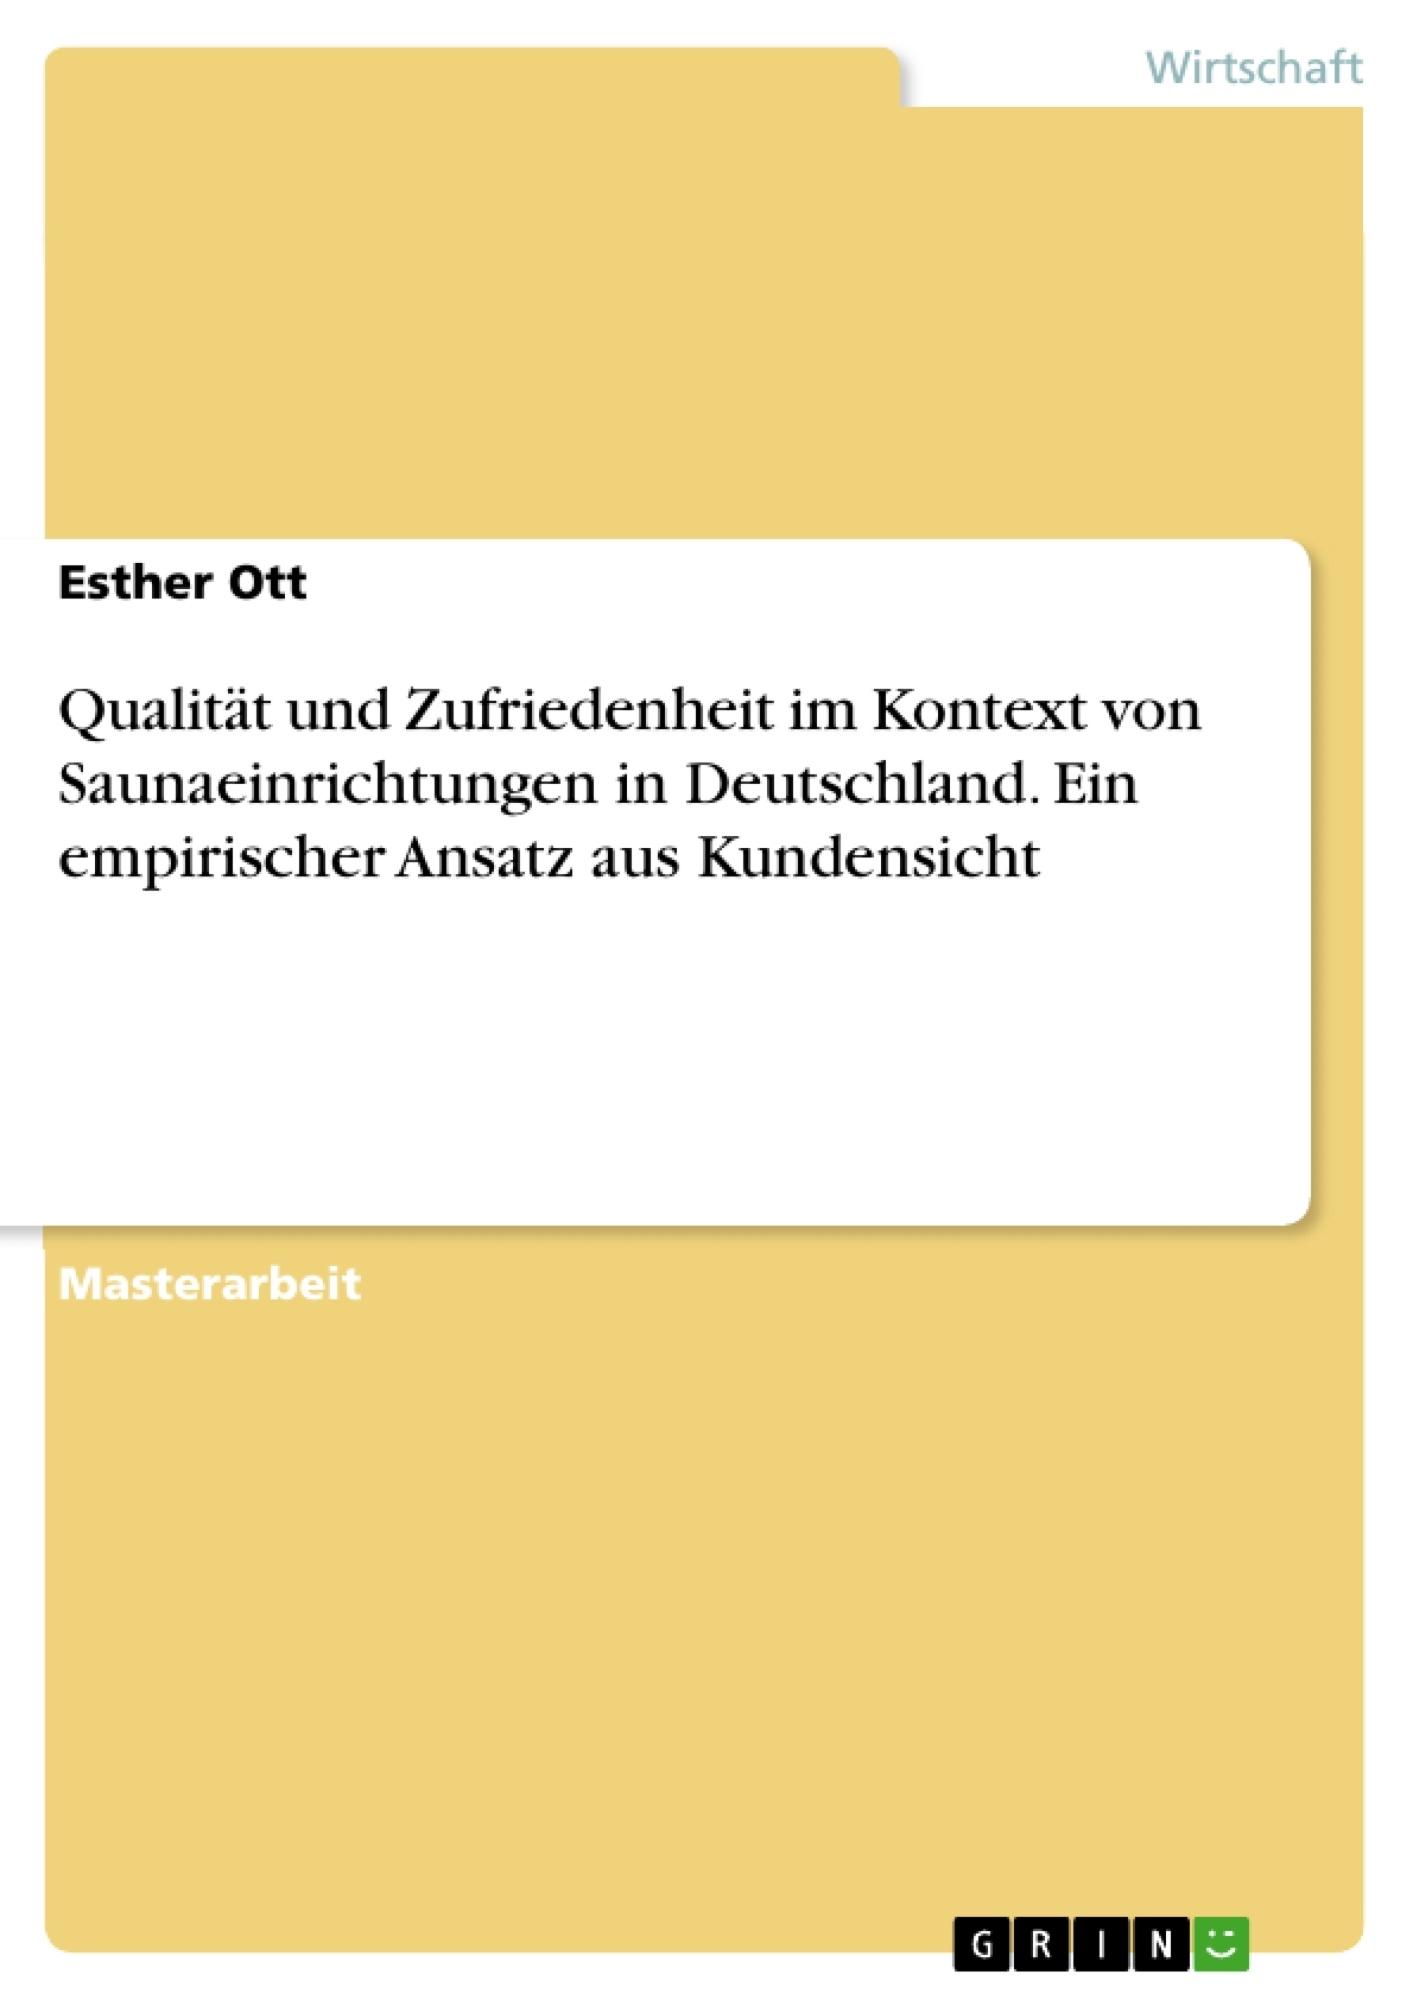 Titel: Qualität und Zufriedenheit im Kontext von Saunaeinrichtungen in Deutschland. Ein empirischer Ansatz aus Kundensicht